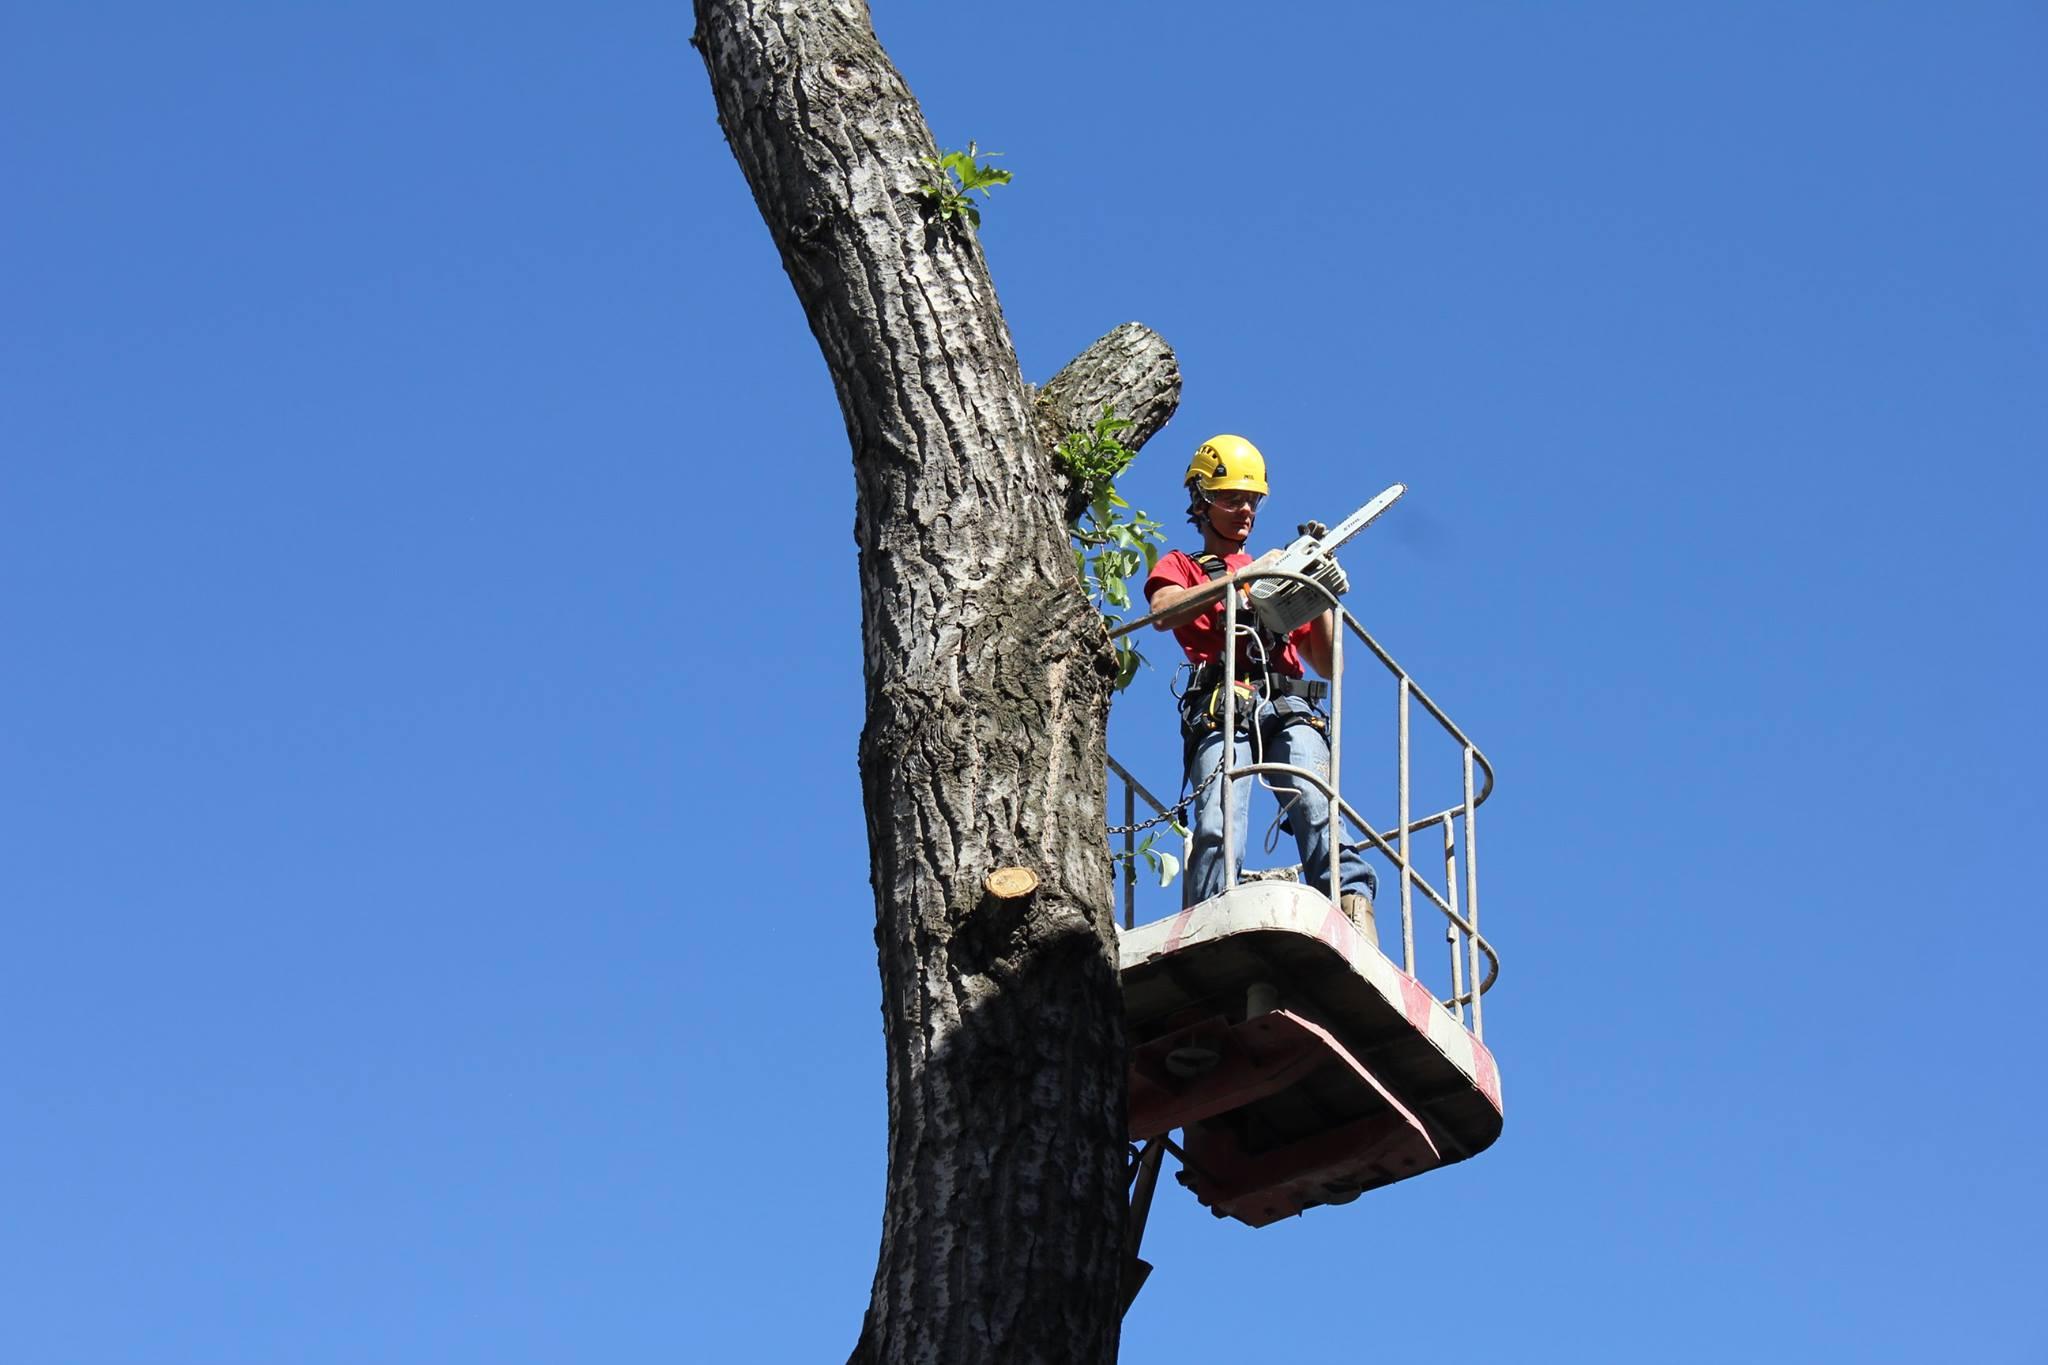 Петиція проти обрізки дерев у Львові за день набрала потрібну кількість голосів